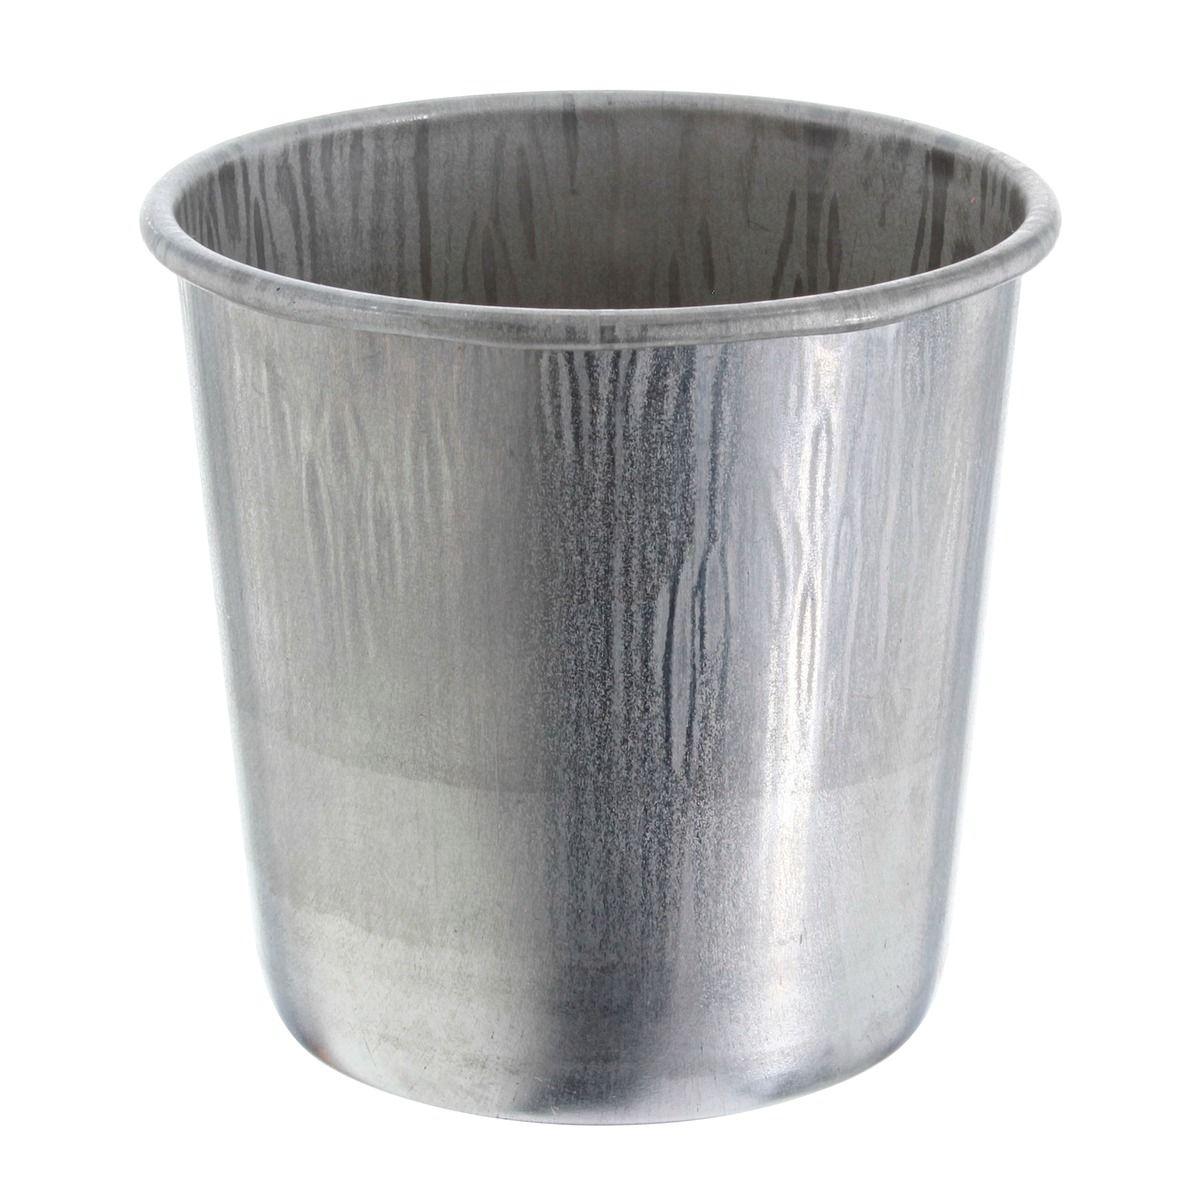 Moule à dariole en fer blanc 4.8 cm - Alice Délice